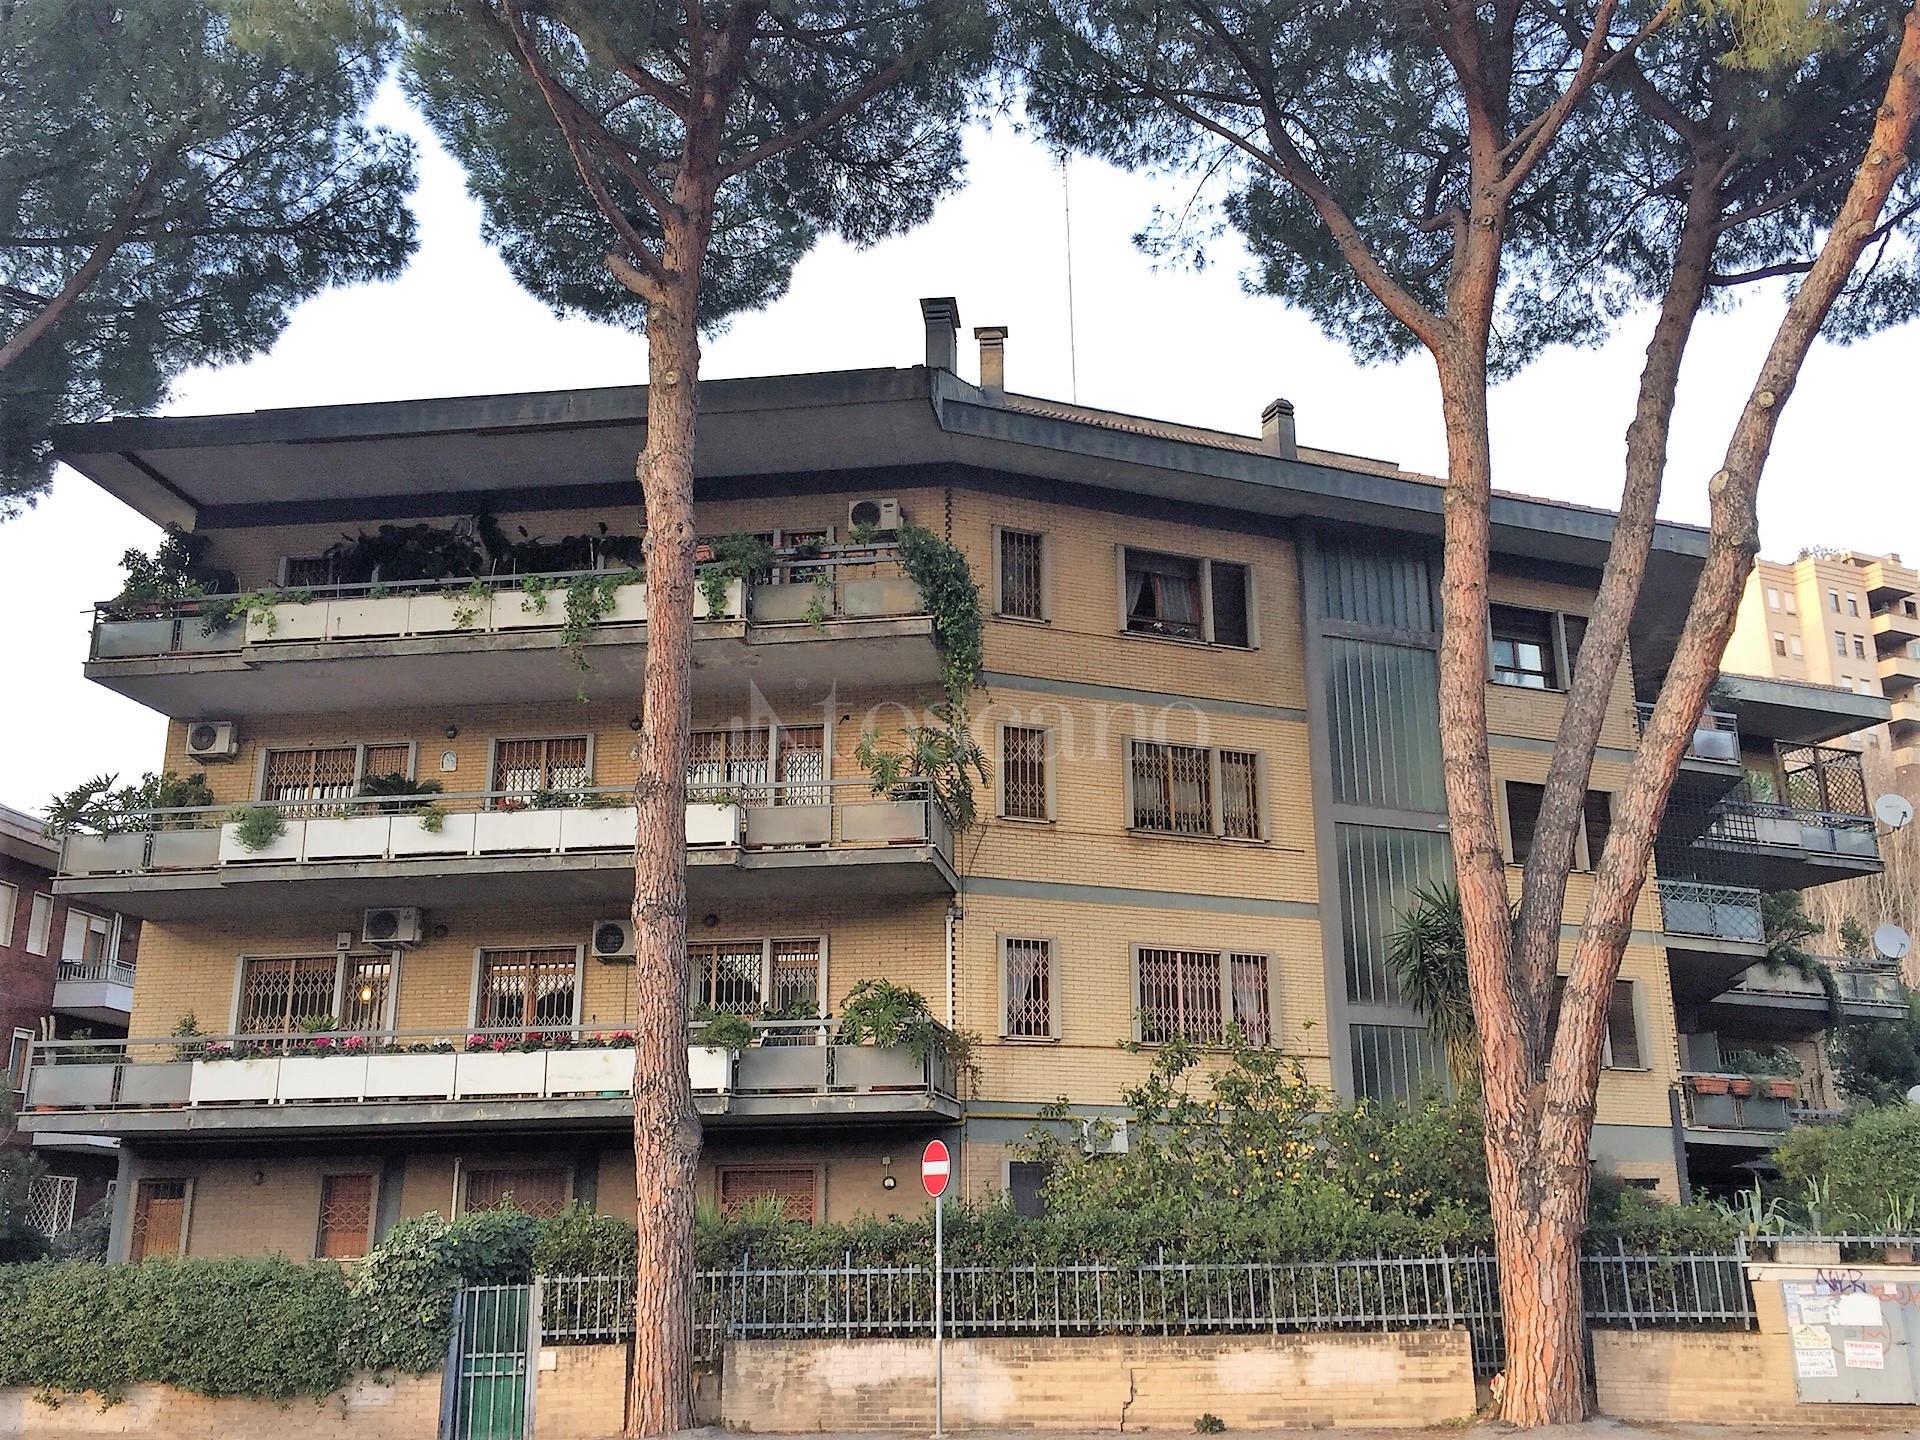 Vendita ufficio a roma in clinio misserville for Ufficio decoro urbano comune di roma